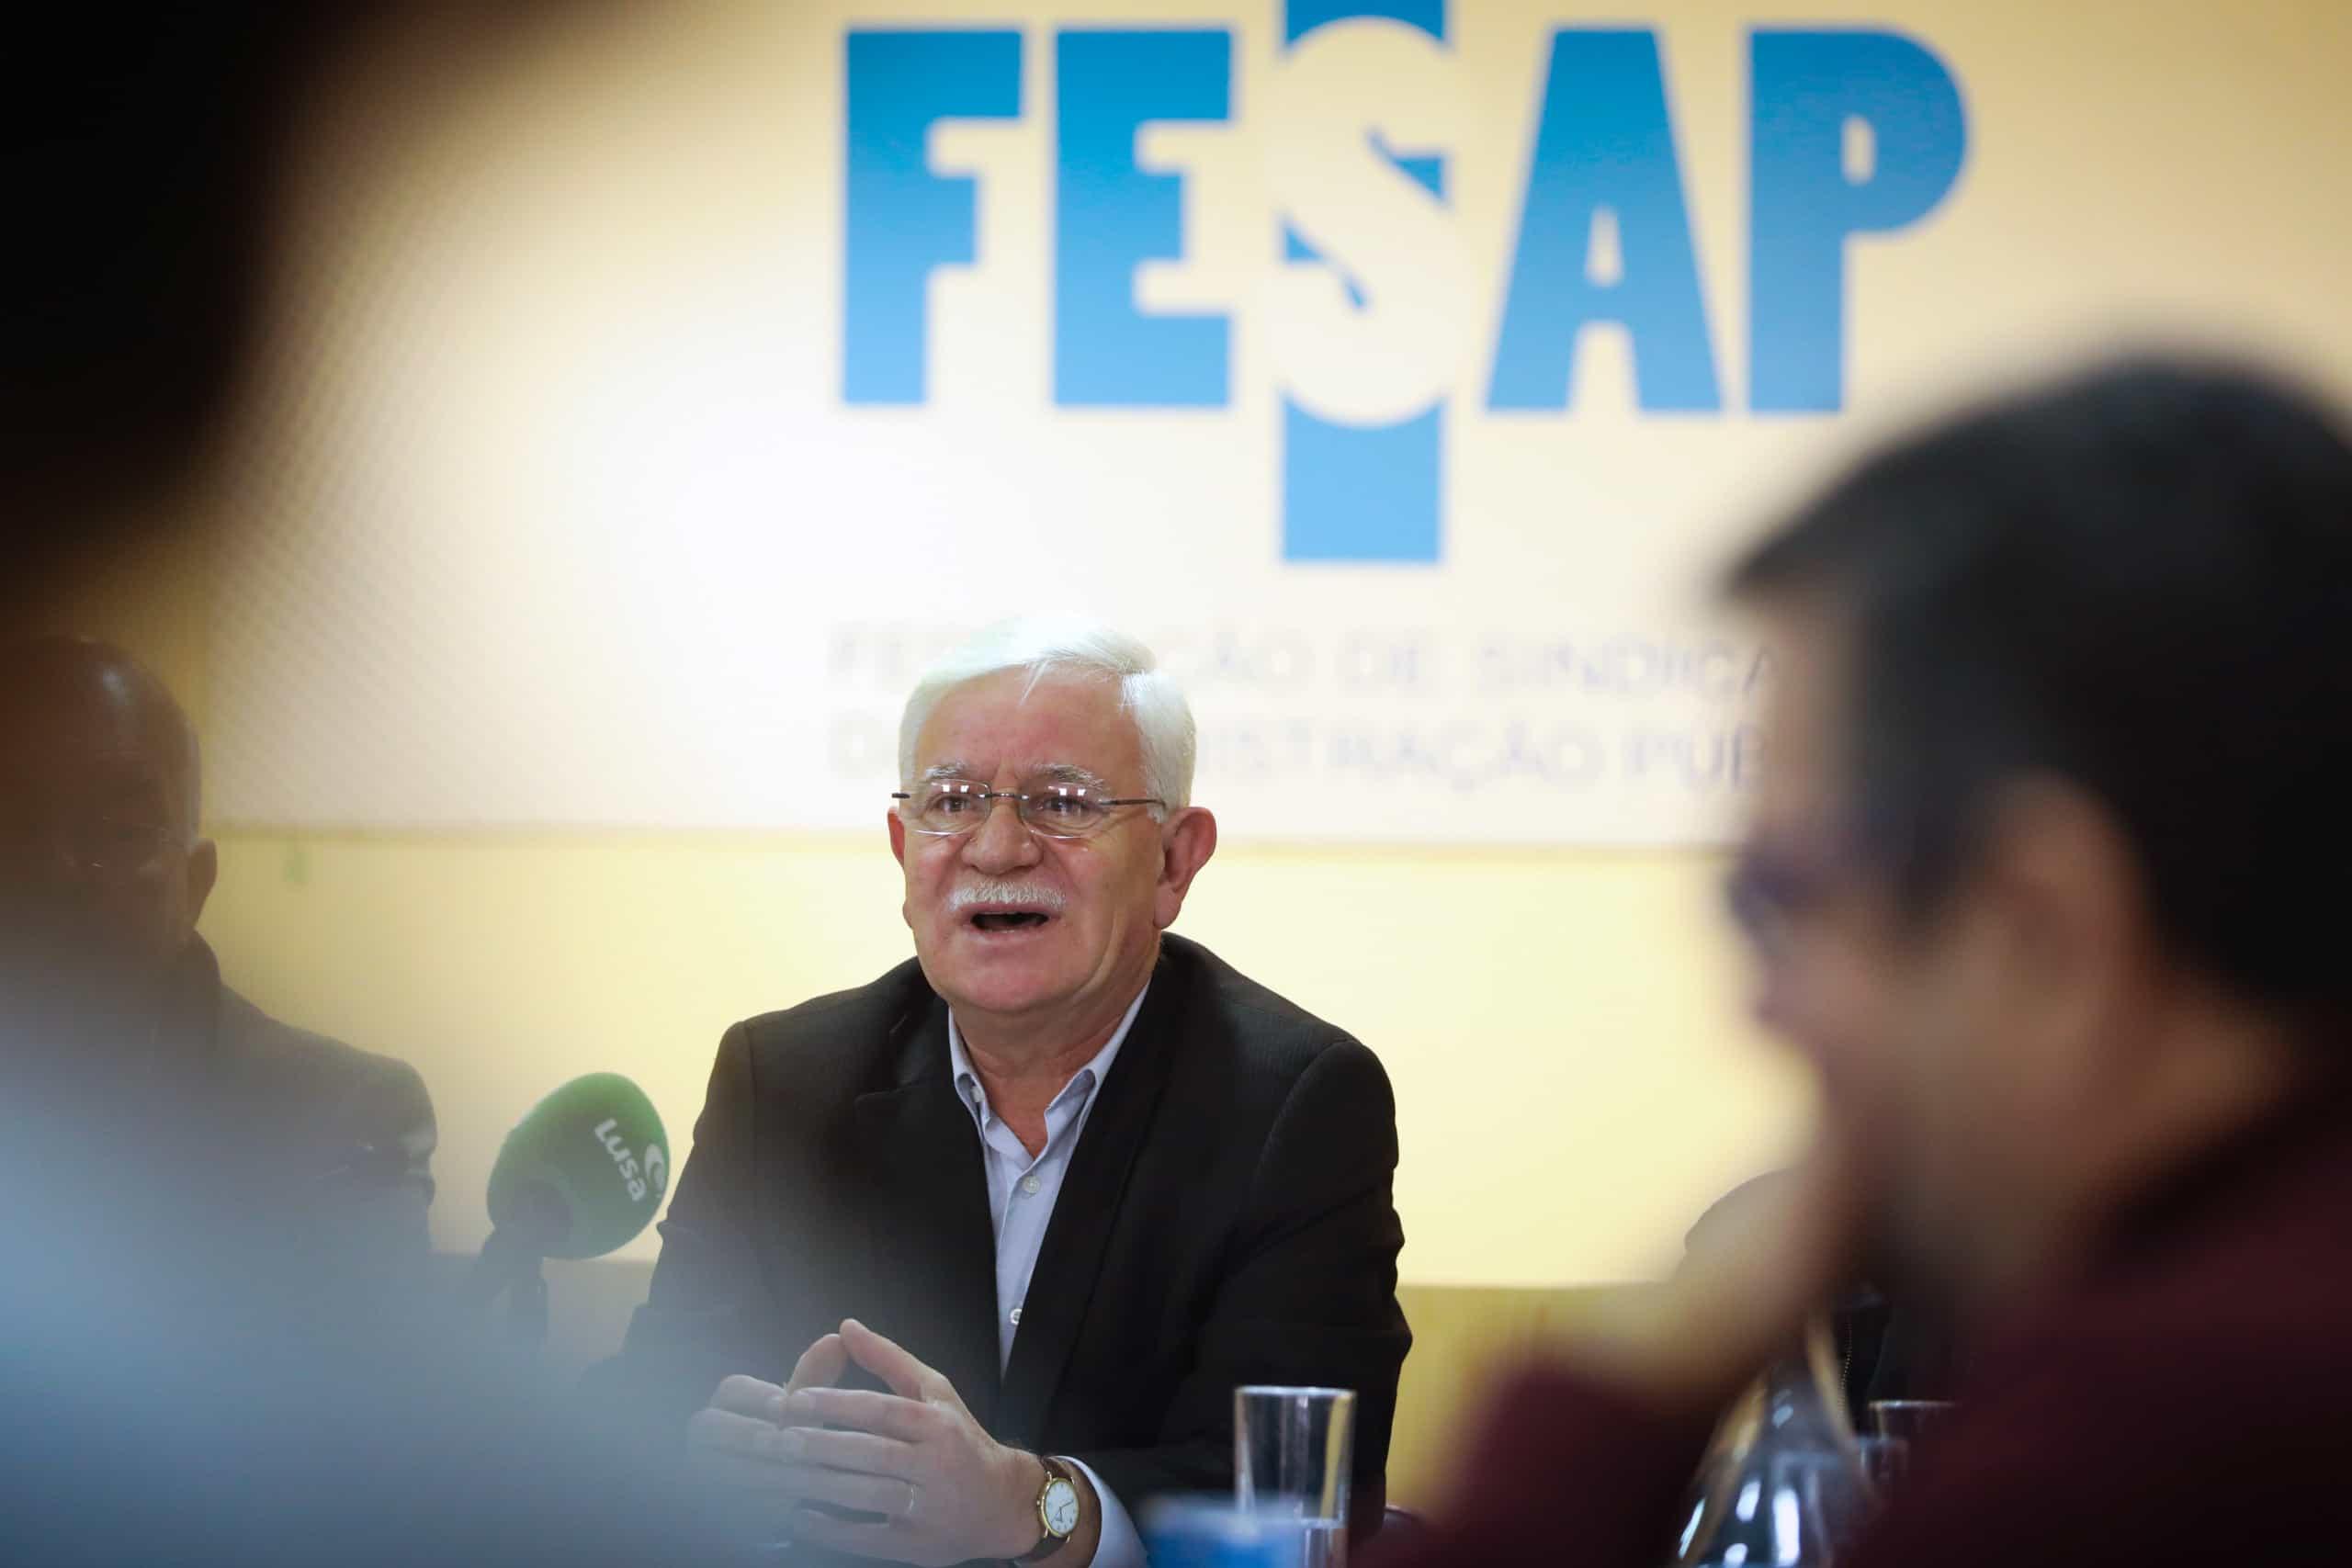 FESAP e FNE marcam dois dias de greve em fevereiro